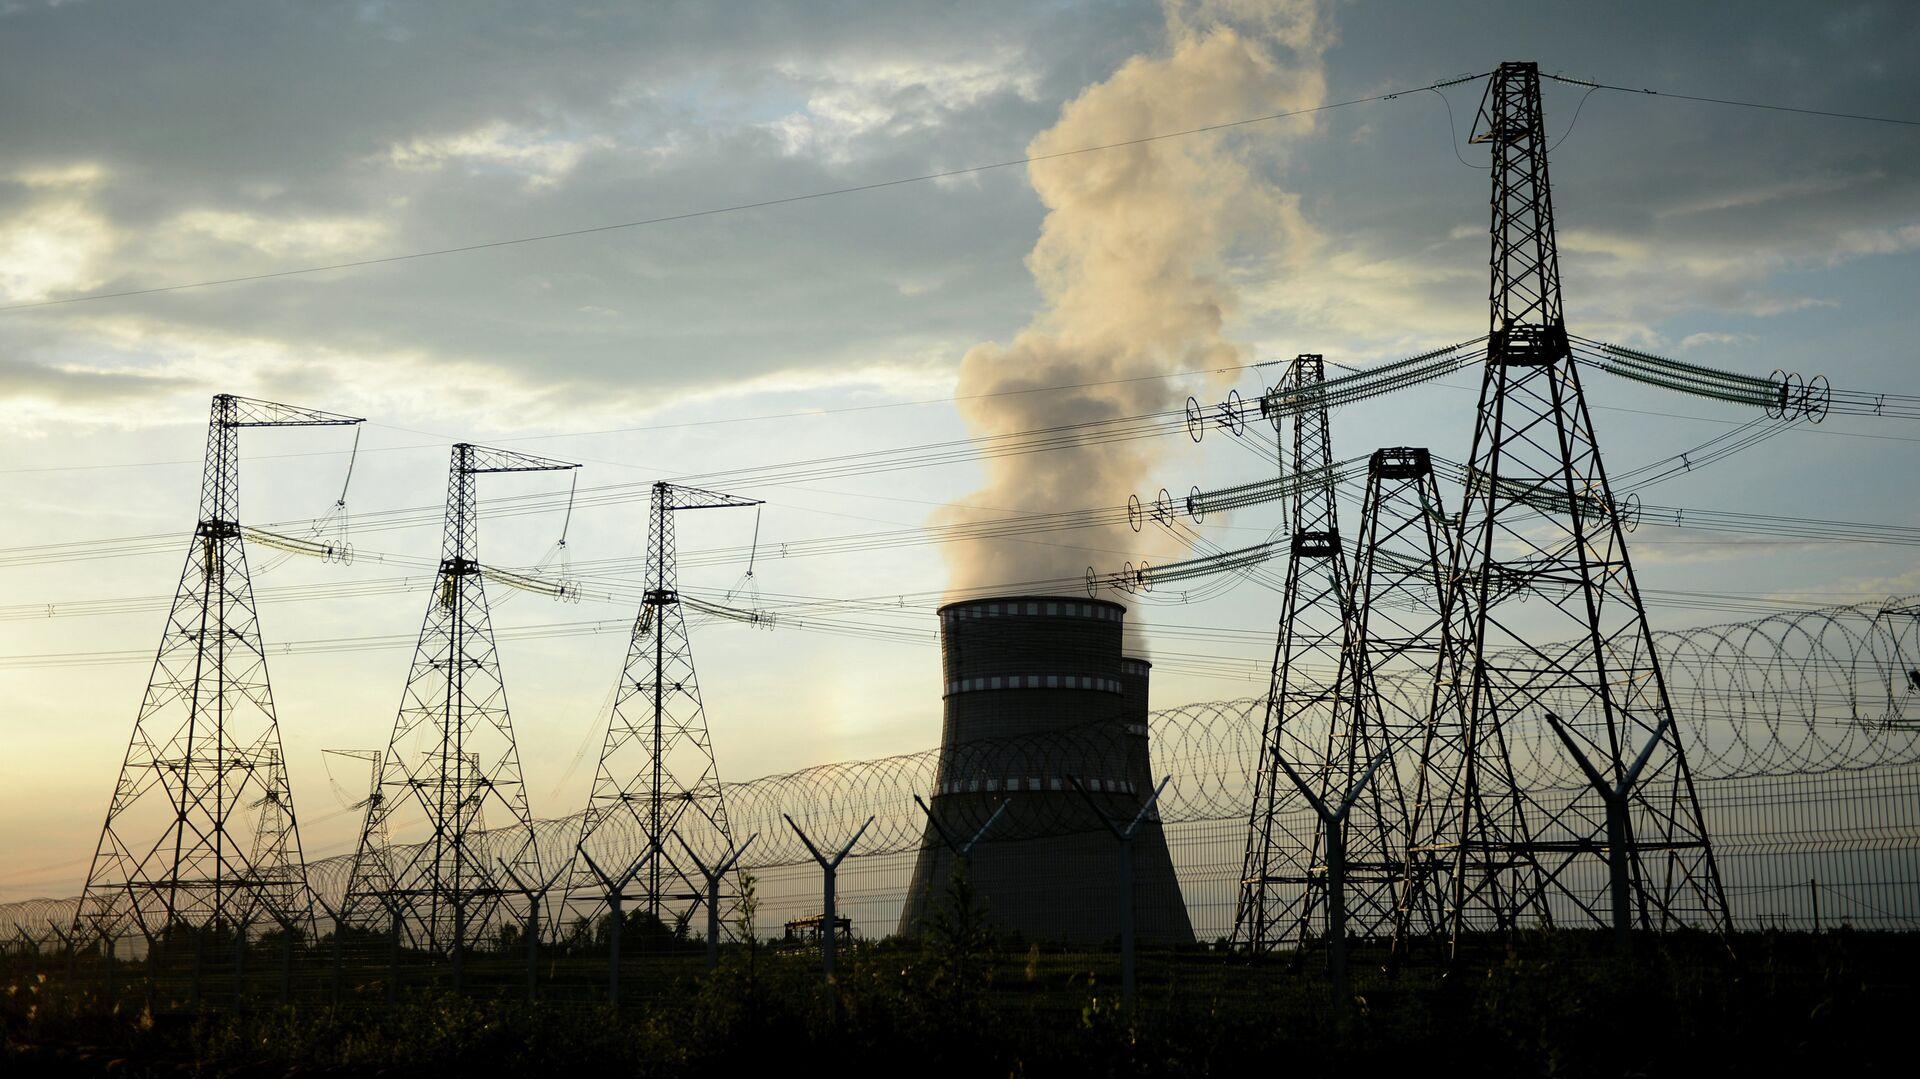 Planta de energía nuclear - Sputnik Mundo, 1920, 18.03.2021